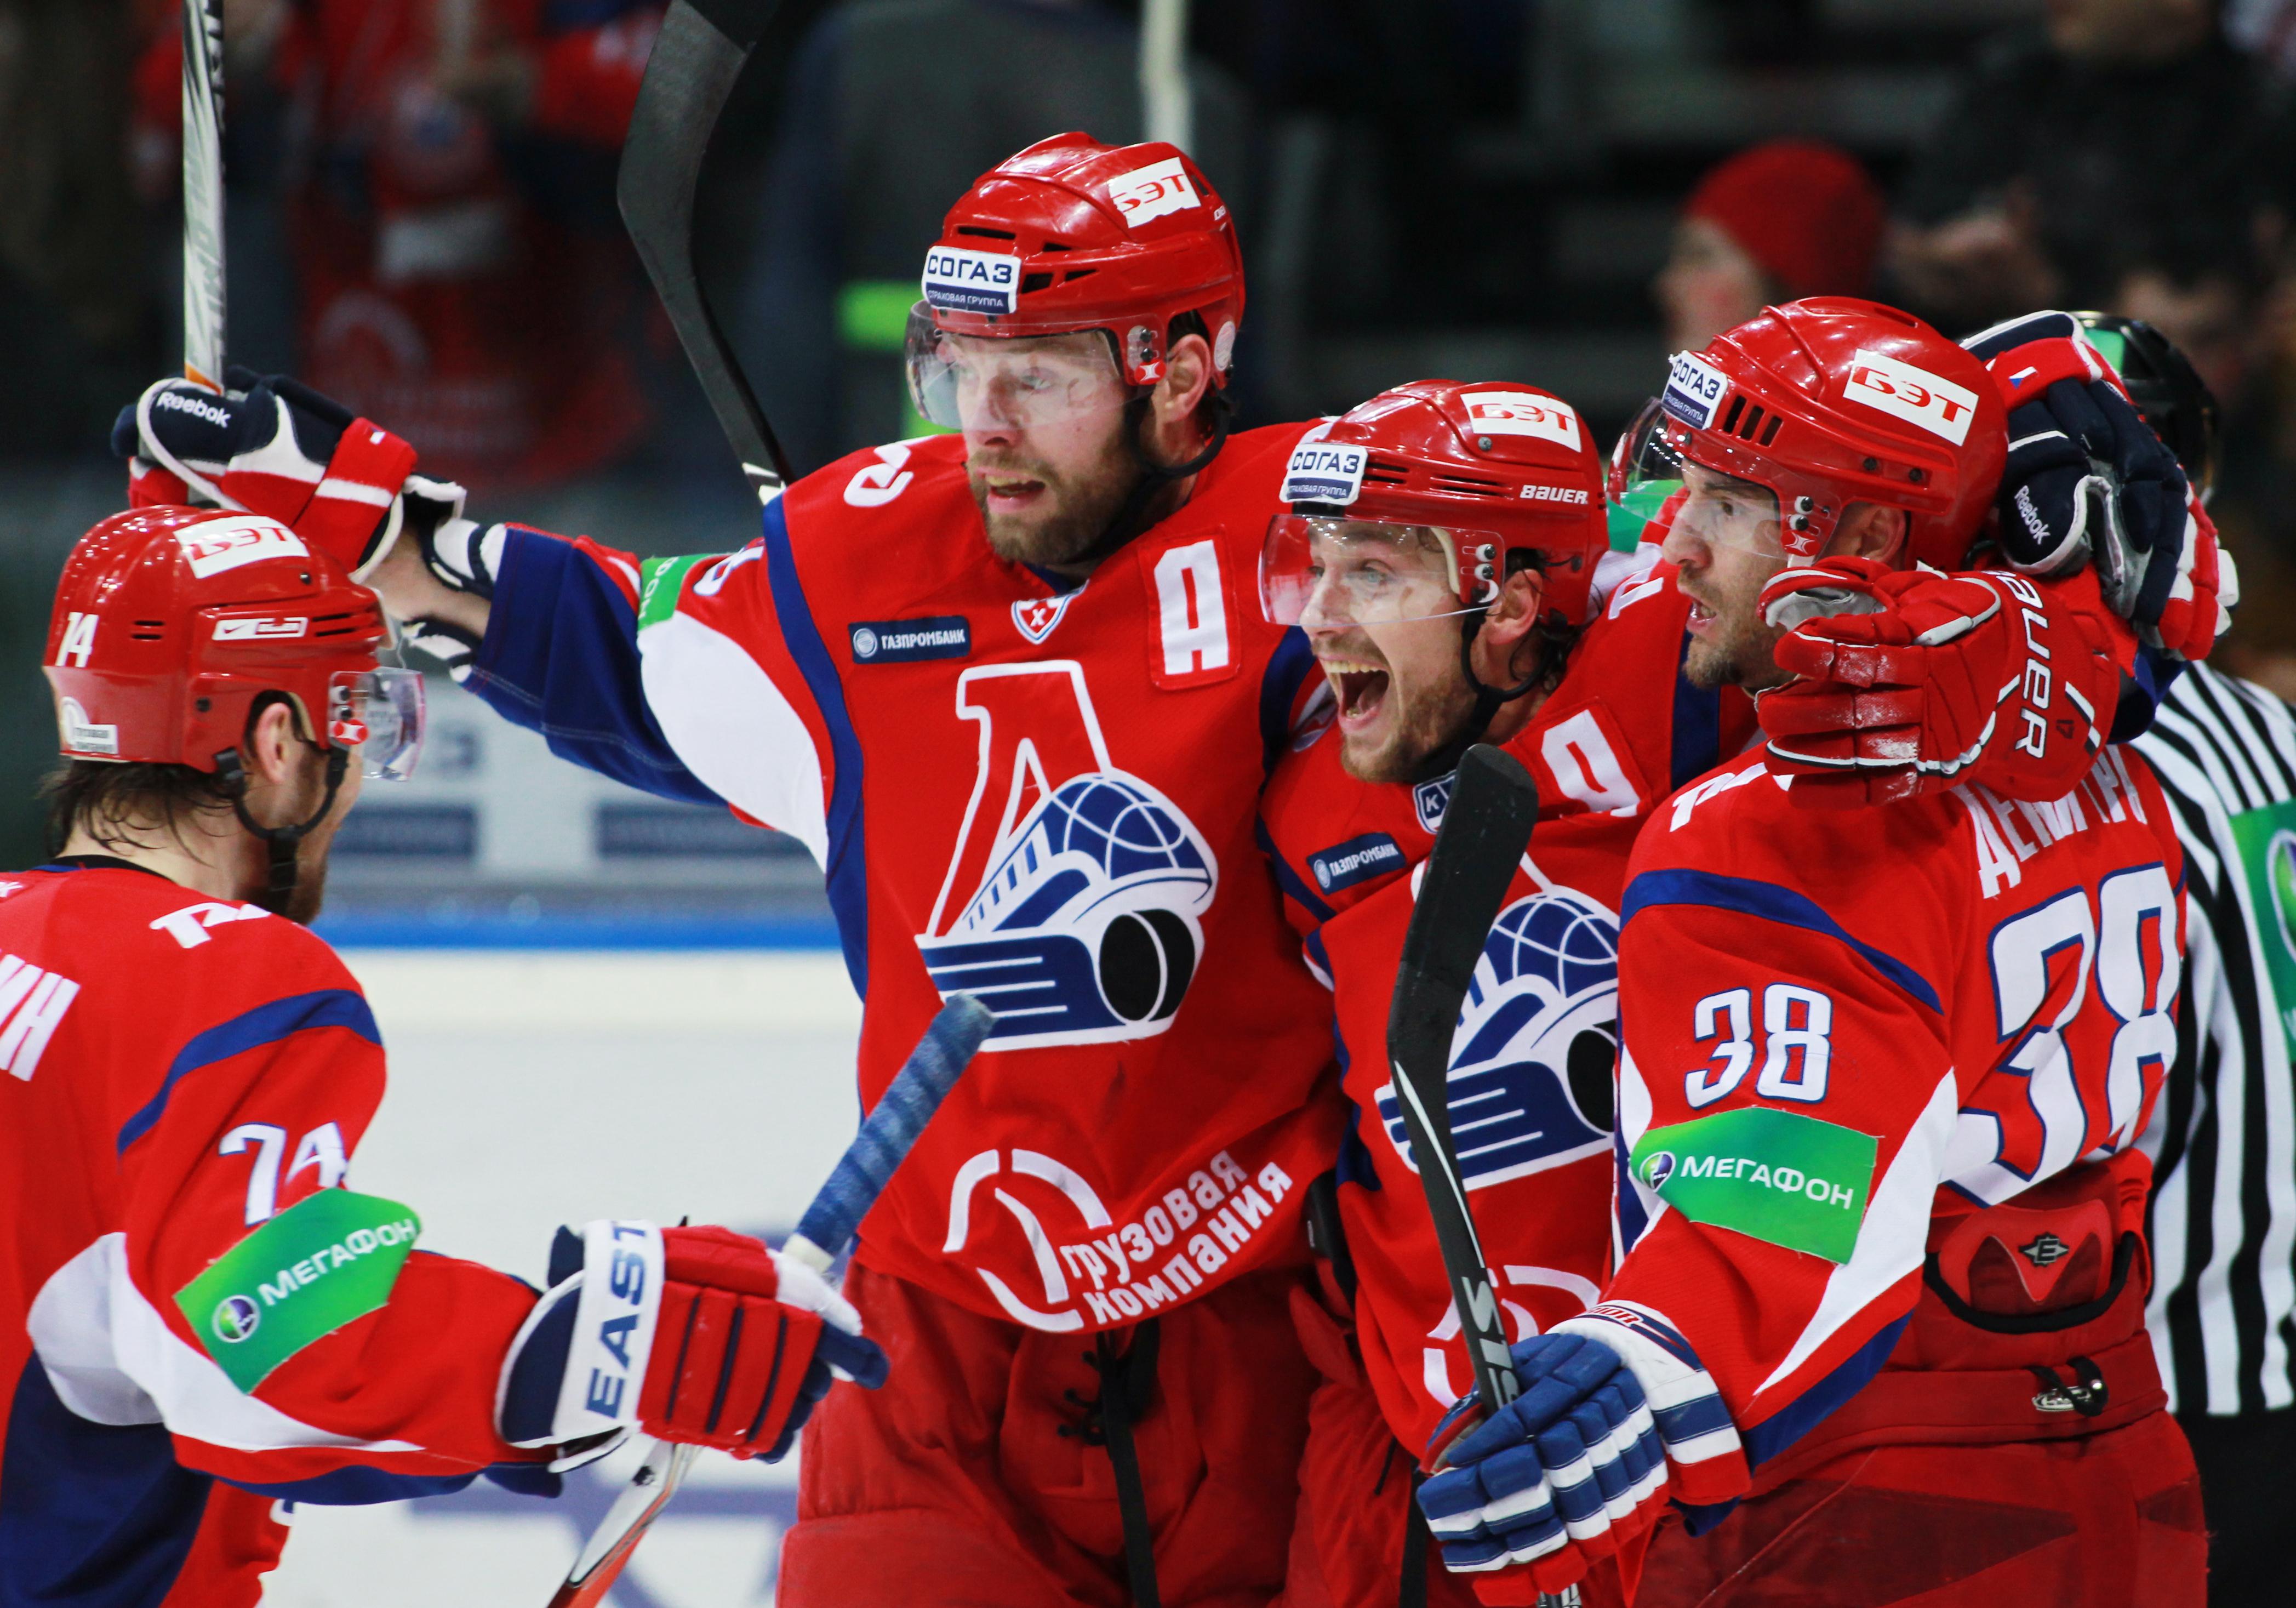 Фото погибших хоккеистов ярославского локомотива из челябинска 5